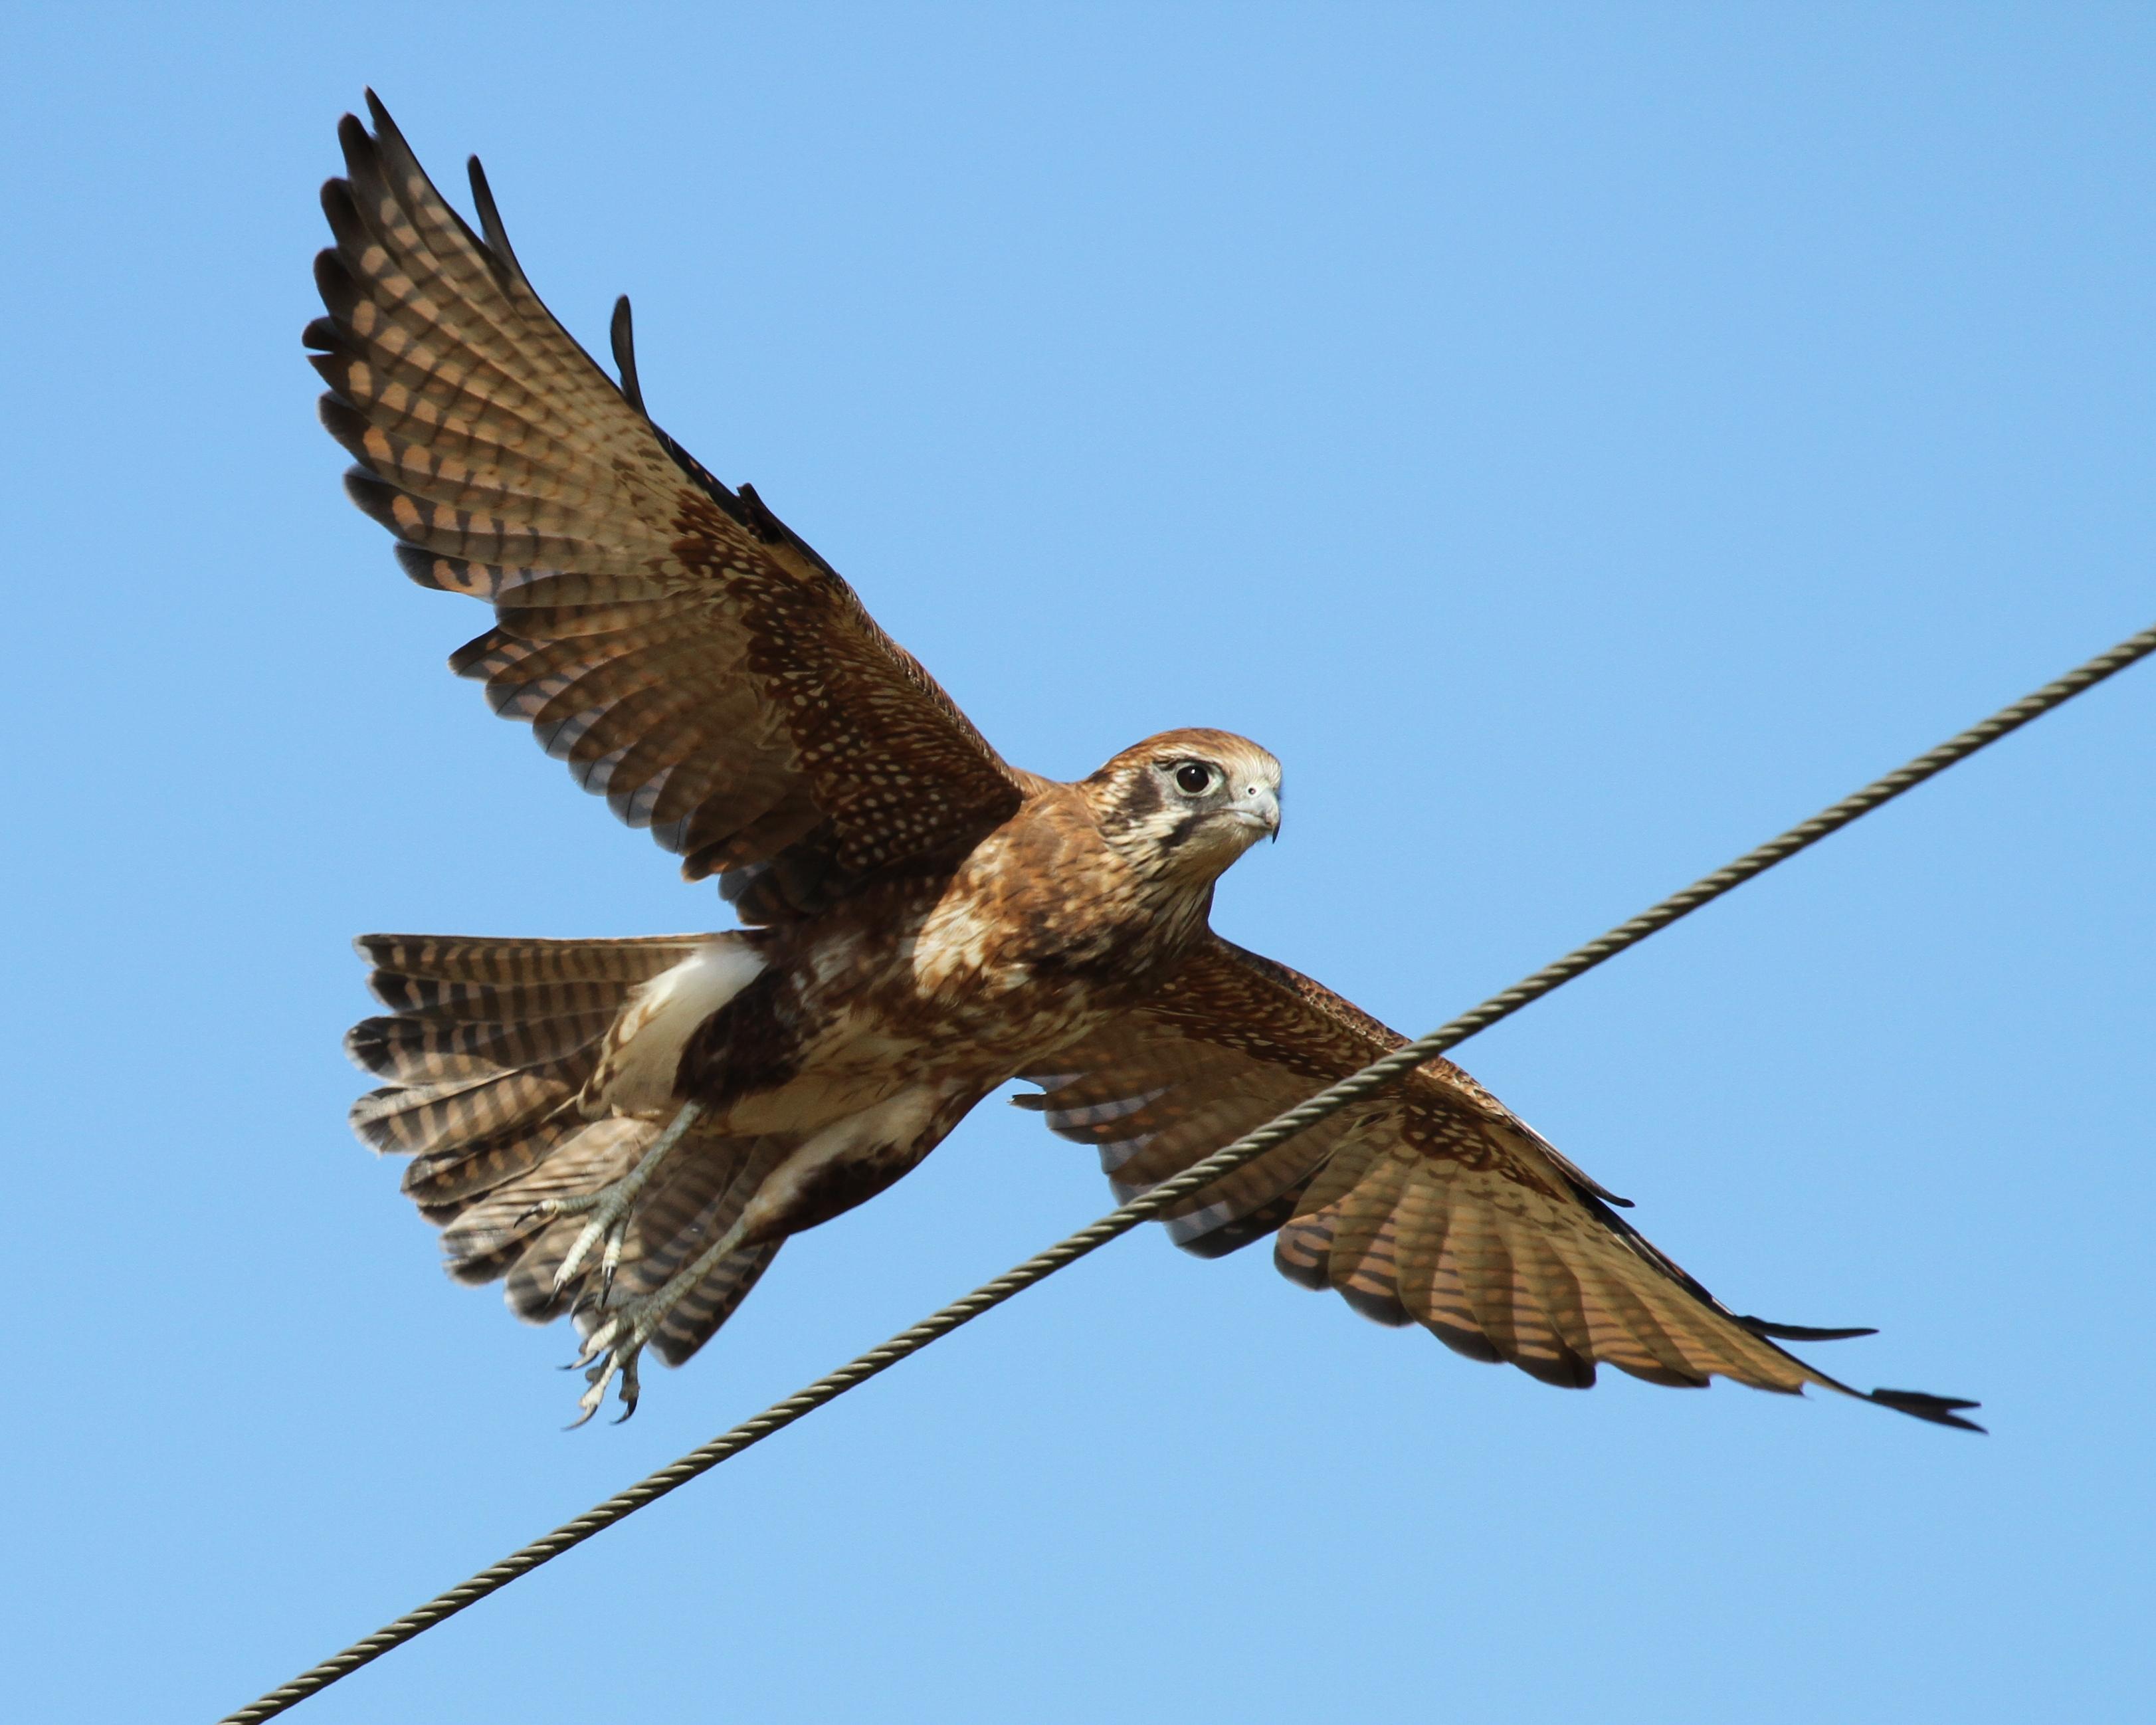 Falcon Hd Background